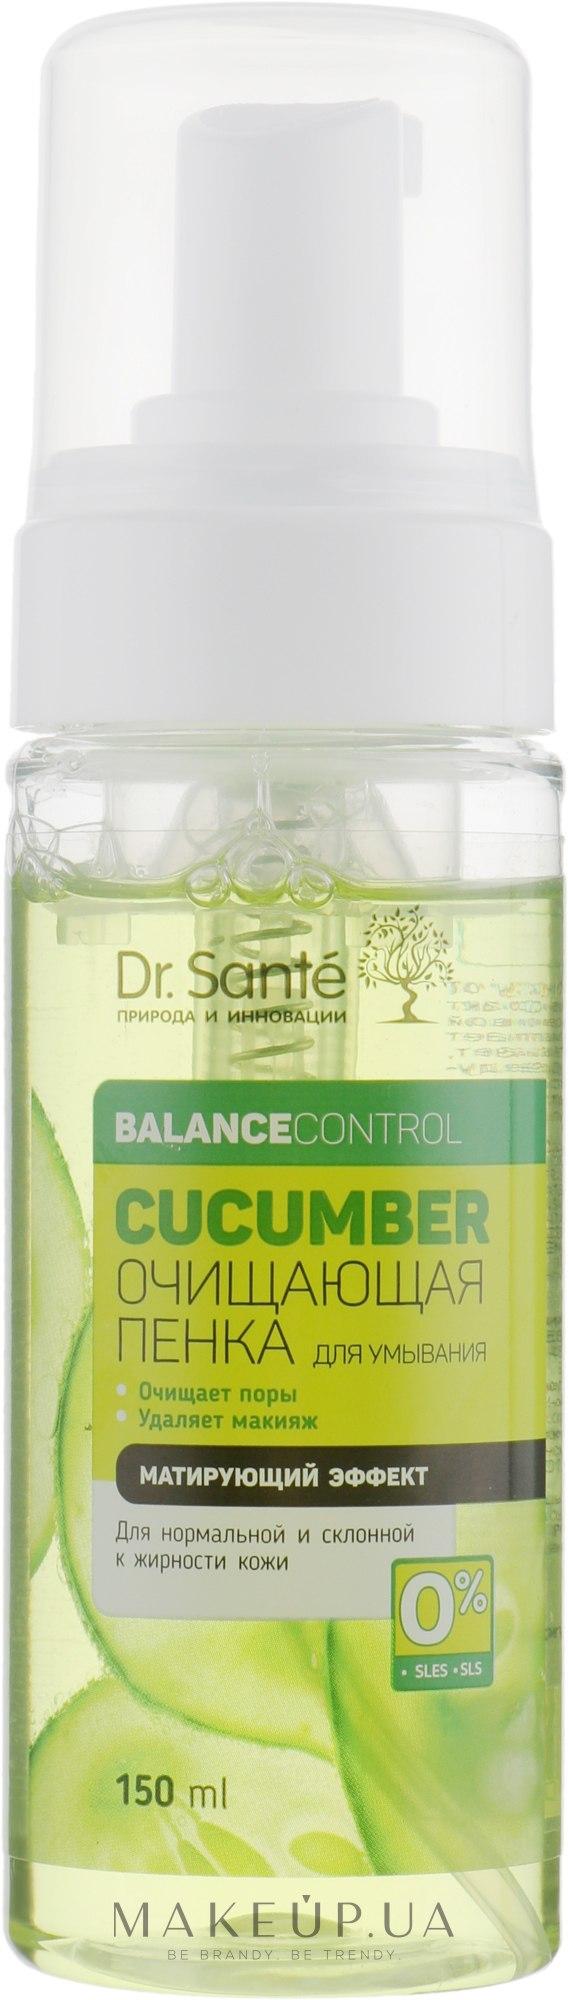 Очищающая пенка для умывания - Dr. Sante Cucumber Balance Control — фото 150ml